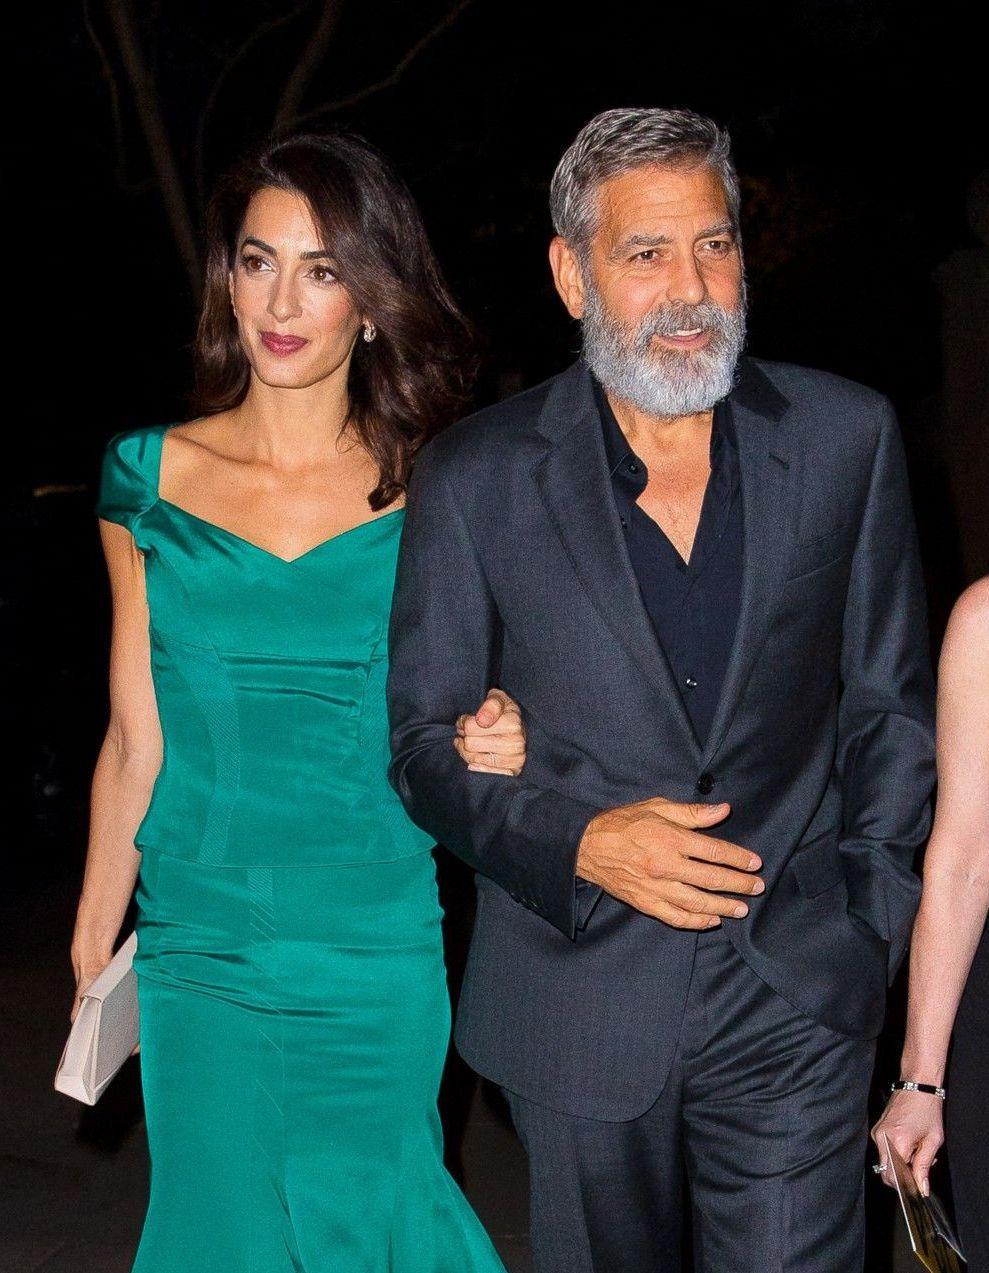 Amal Clooney enceinte ? Le couple Clooney répond officiellement à la rumeur - Elle